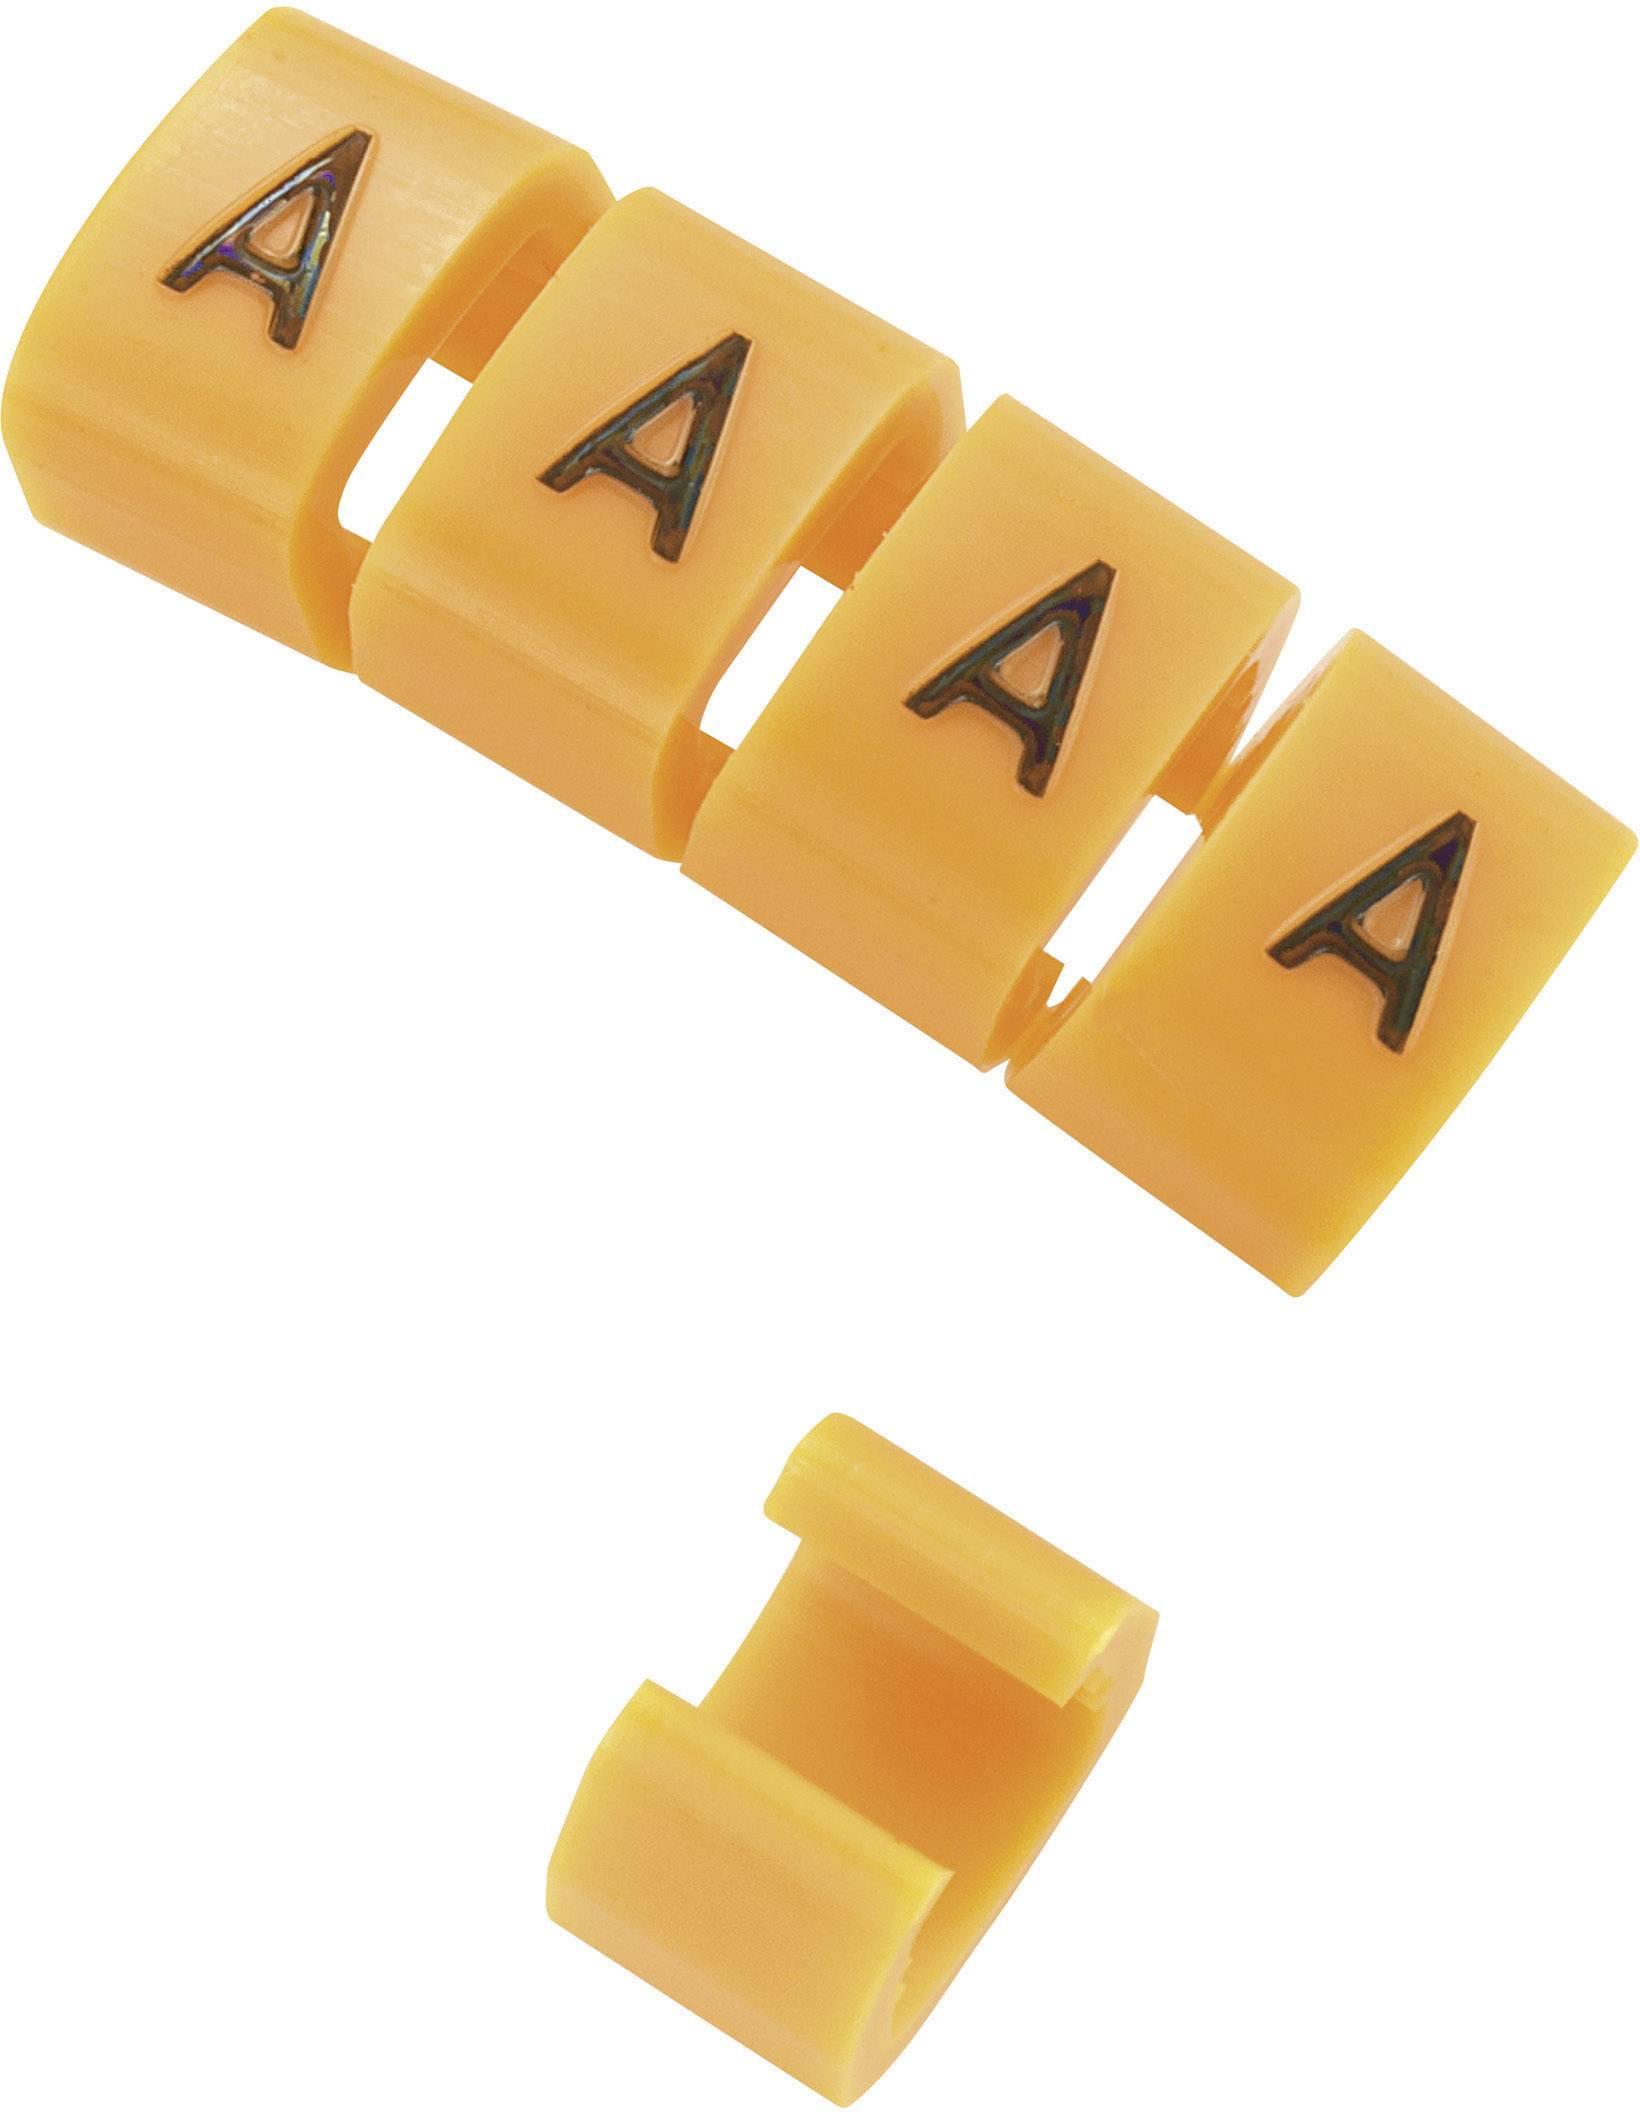 Označovacie objímka na káble KSS MB2/Q, oranžová, 10 ks